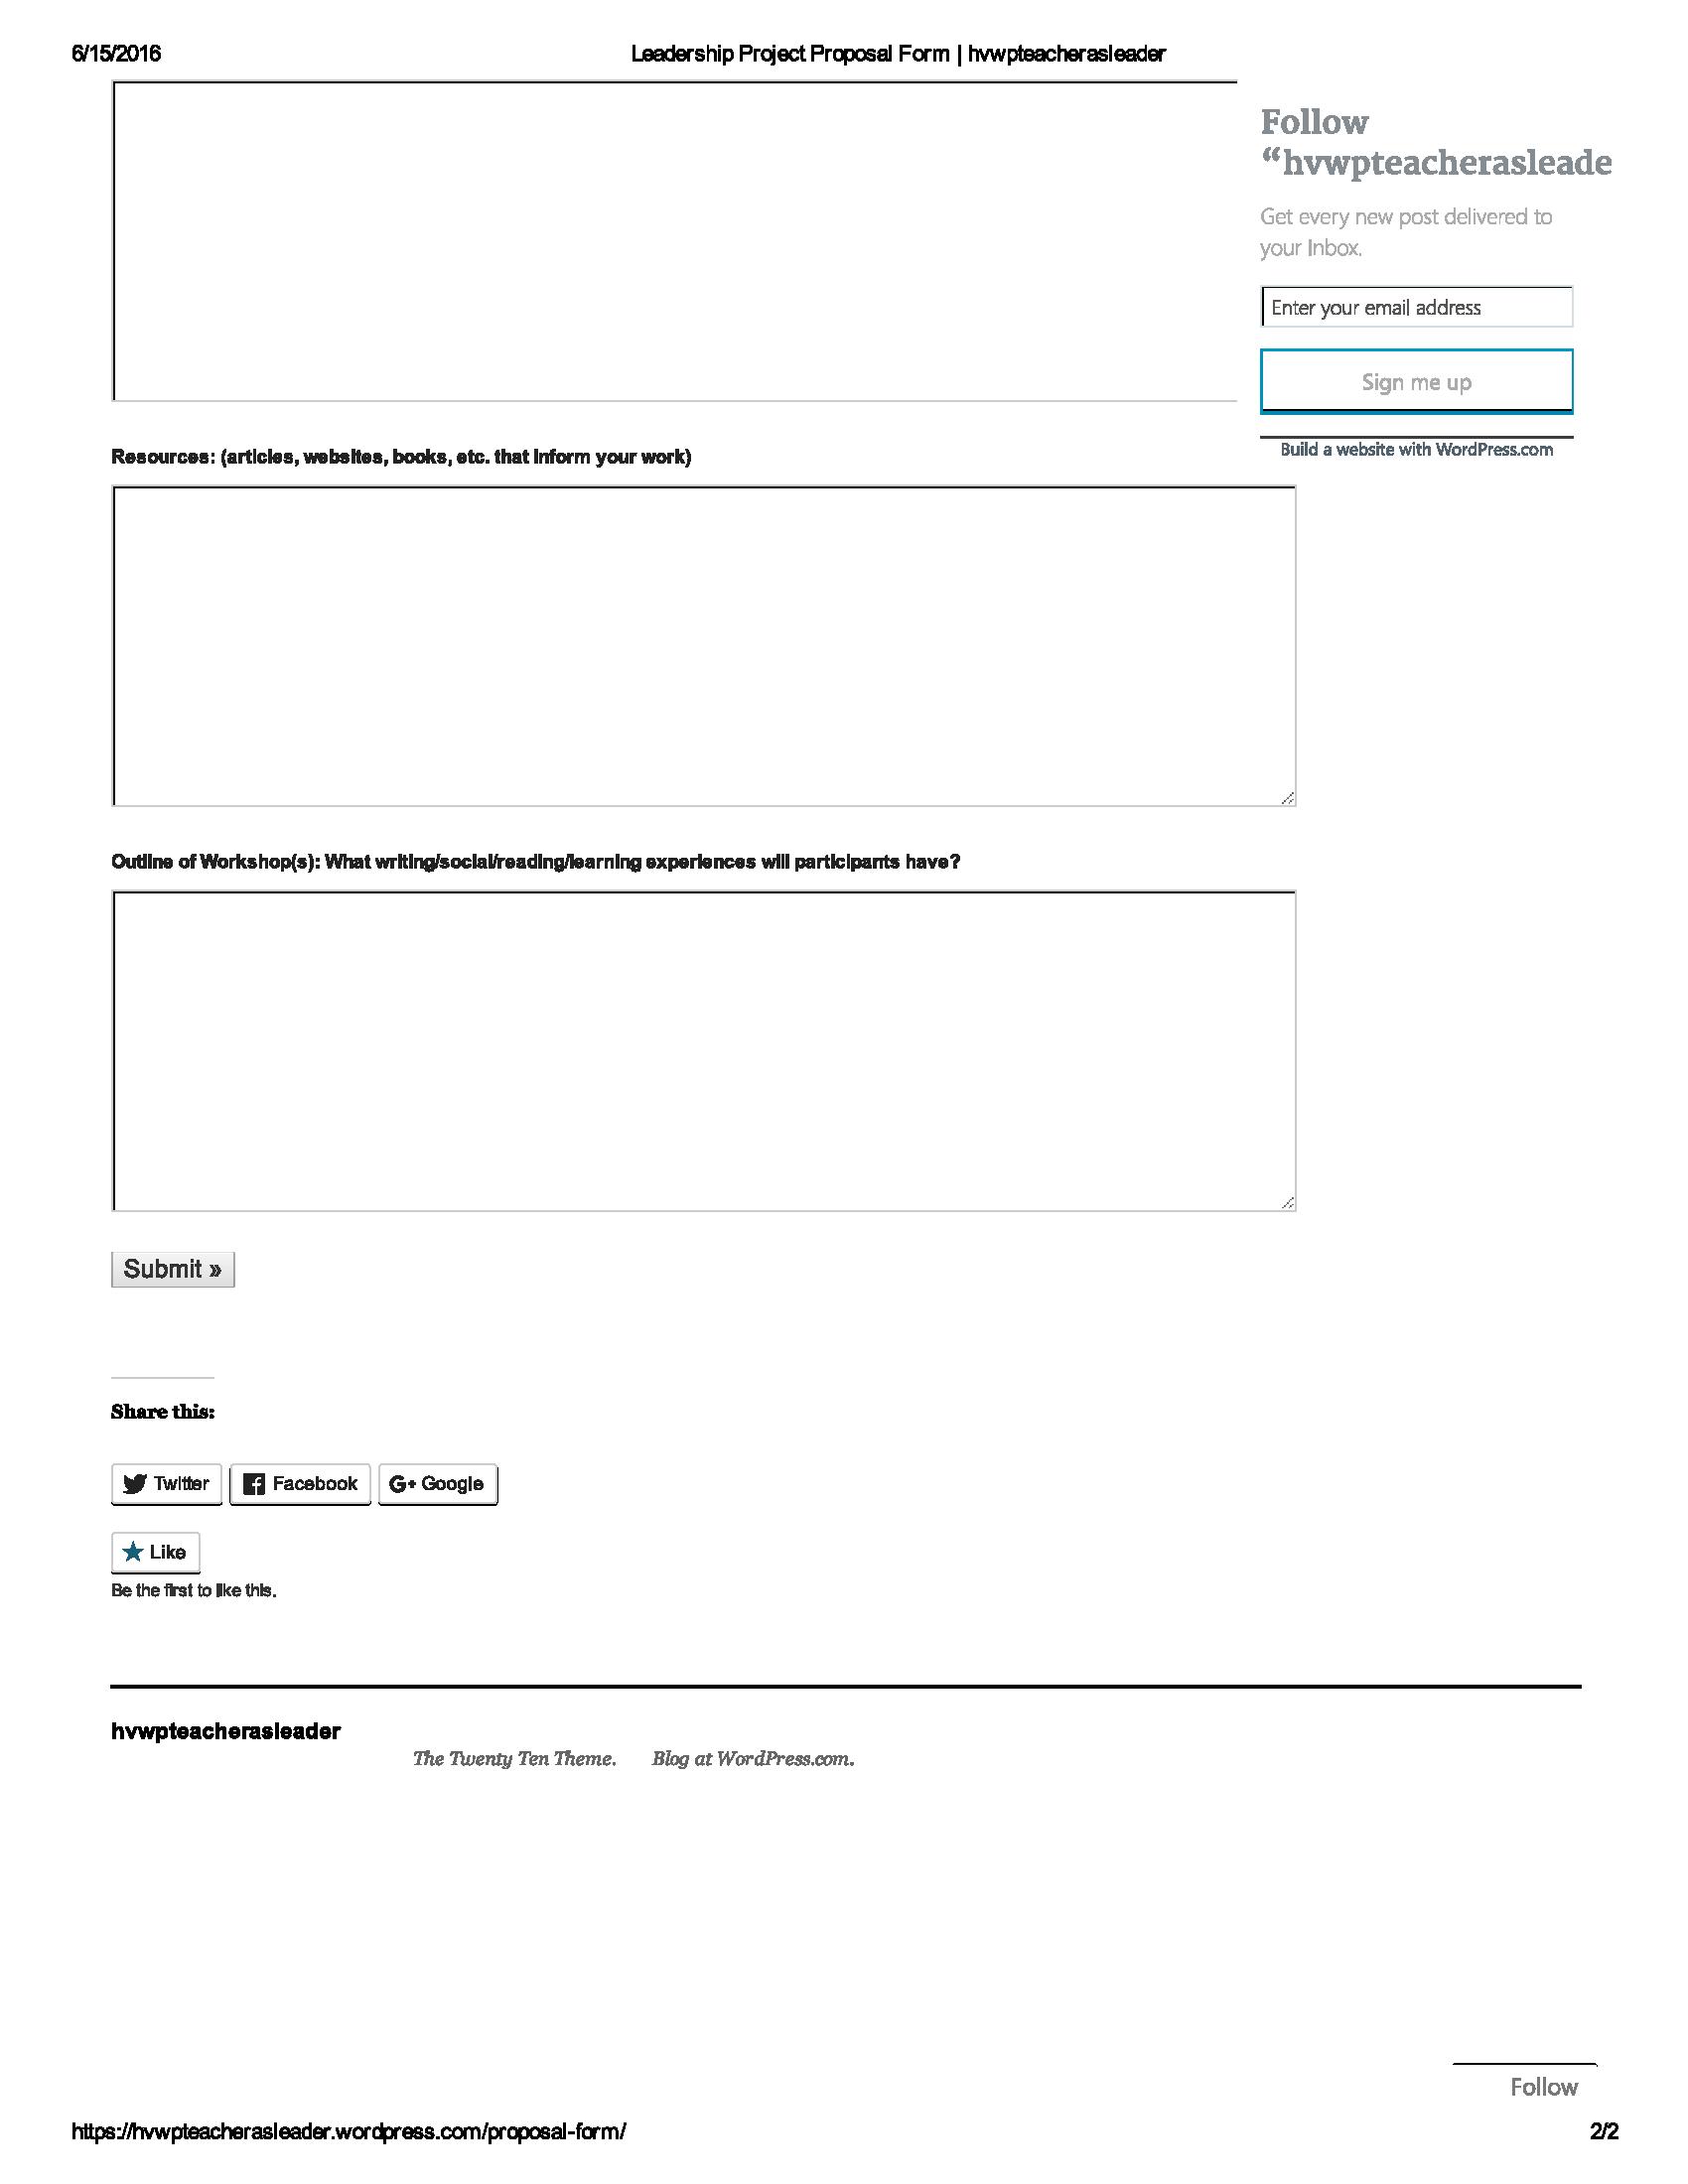 Proposal-form-Pg2-image